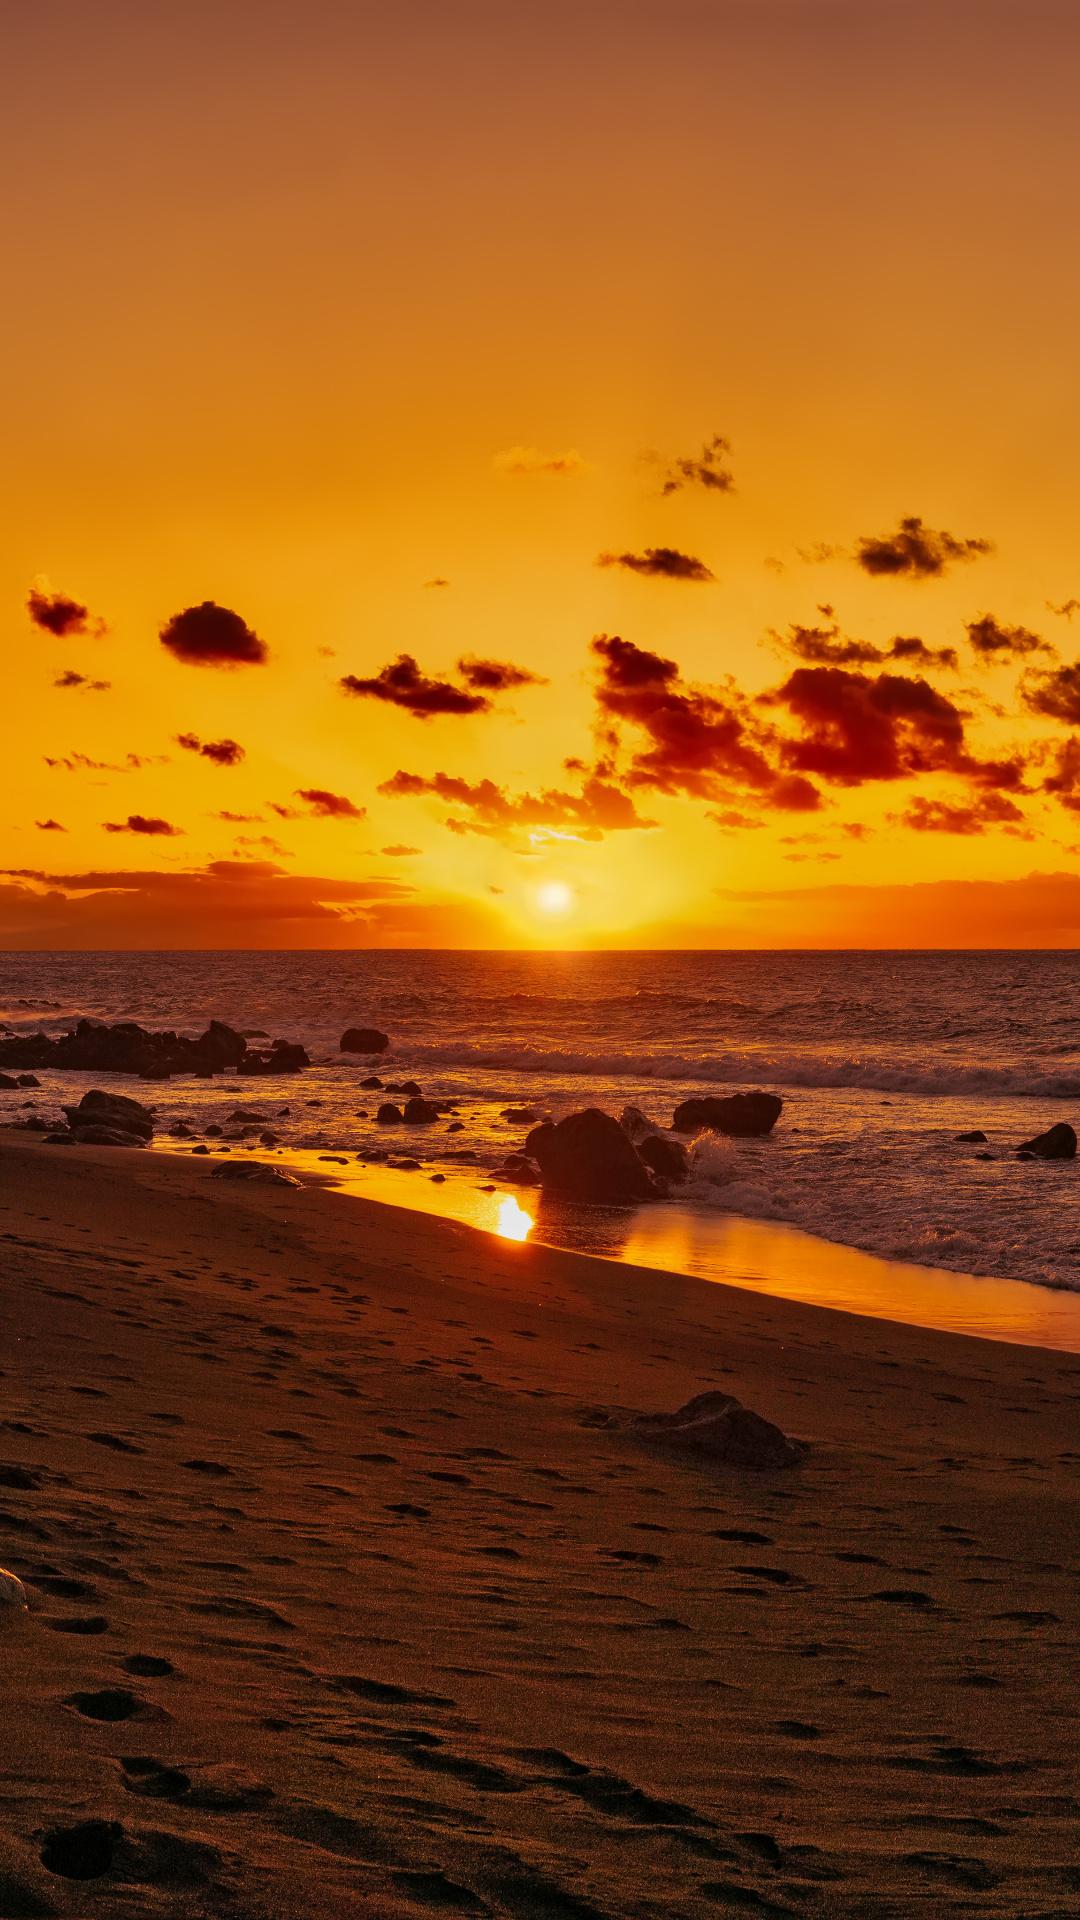 Afterglow, Beach, Shore, Sunrise, Sunset Wallpaper - Iphone Xs Max Wallpaper Sunset , HD Wallpaper & Backgrounds